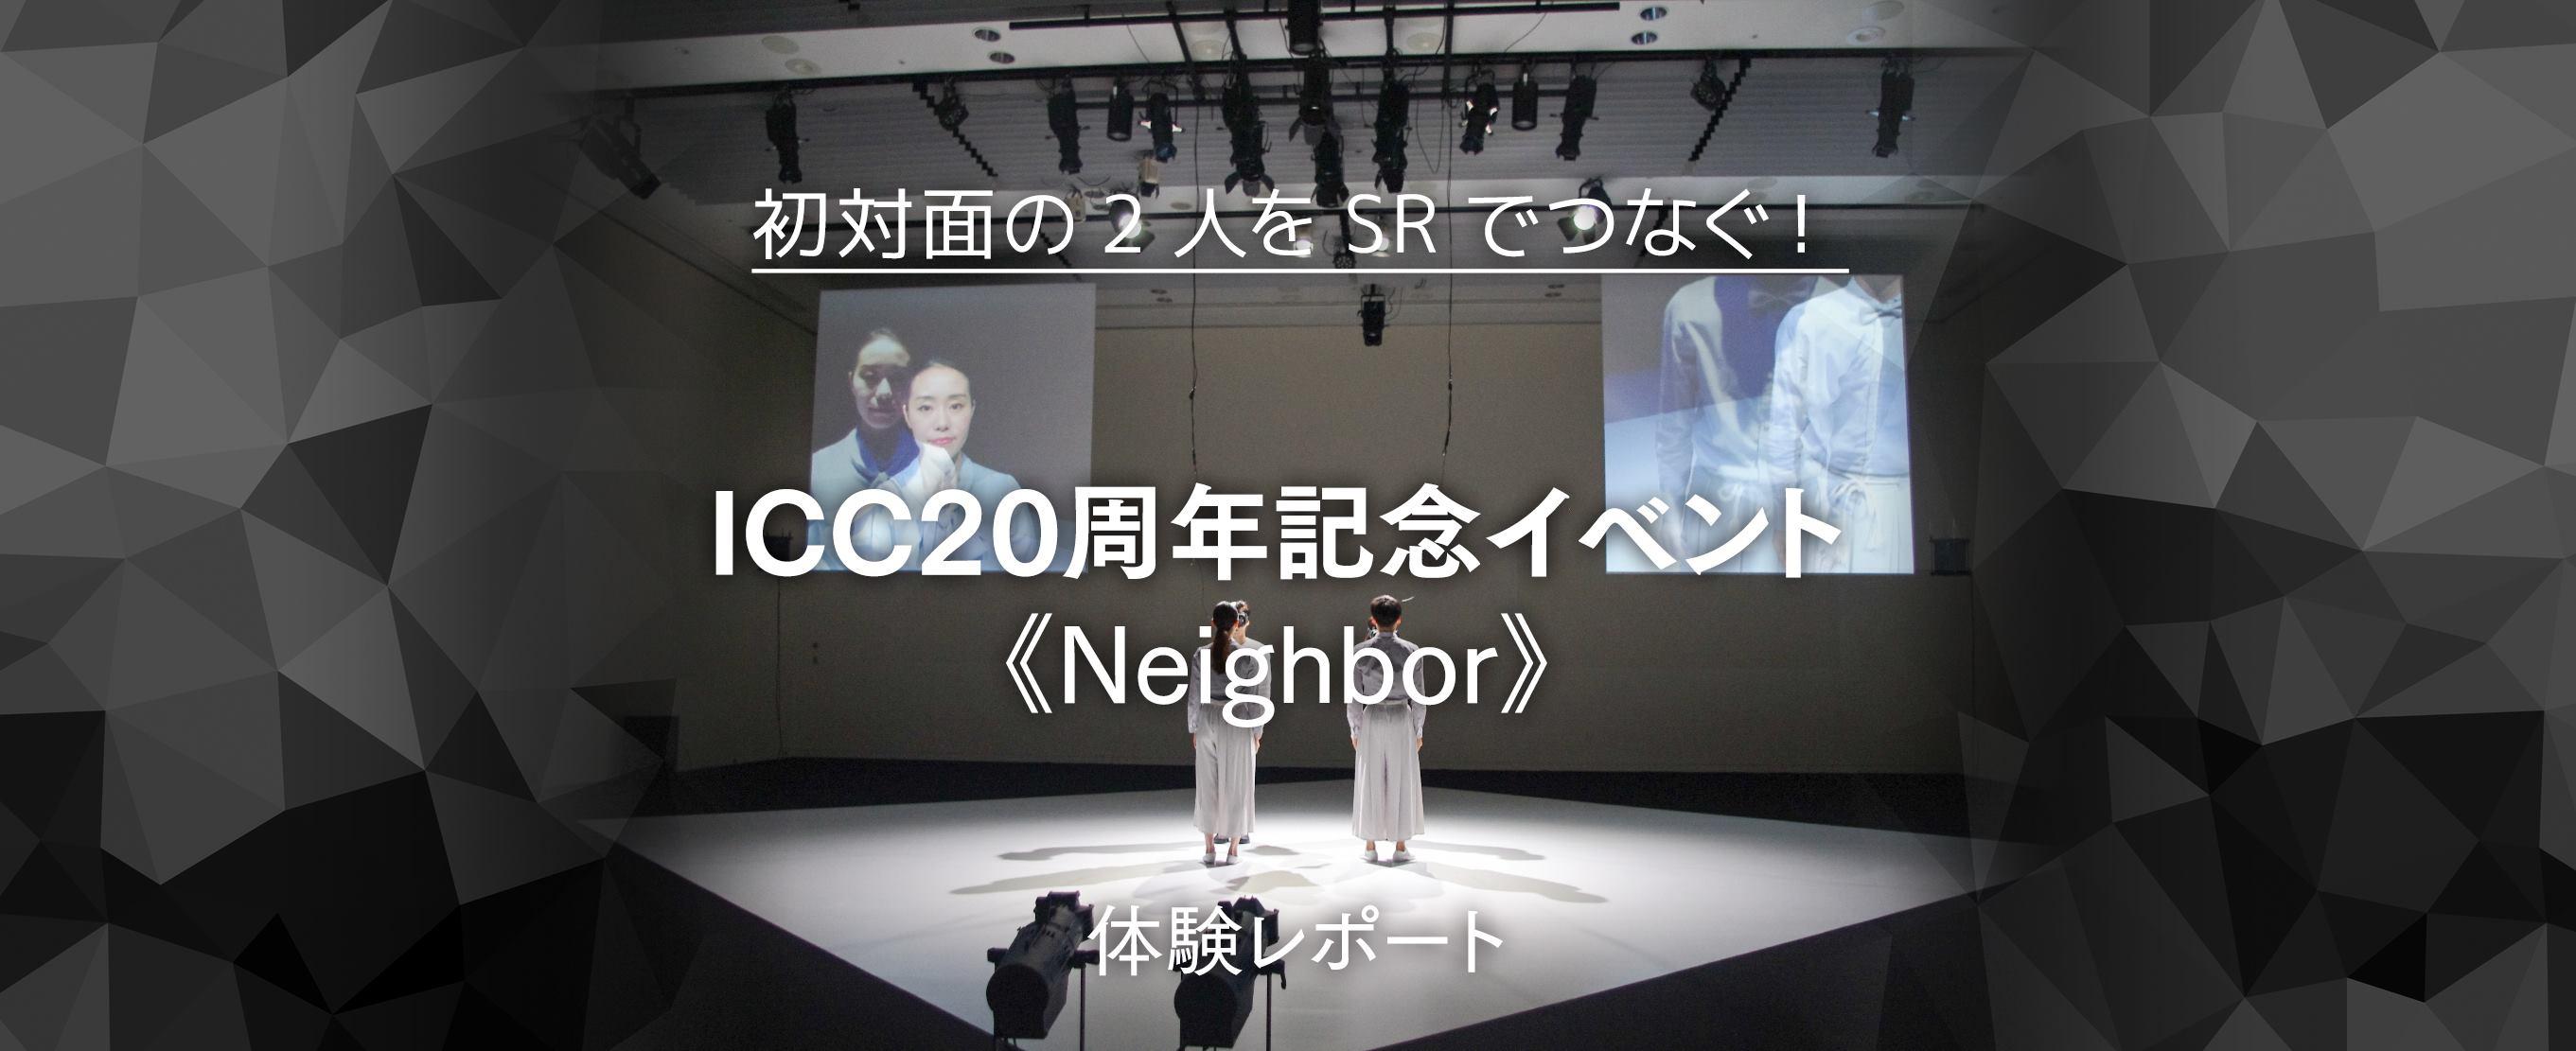 初対面の2人をSRでつなぐ!ICC20周年記念イベント《Neighbor》体験レポート